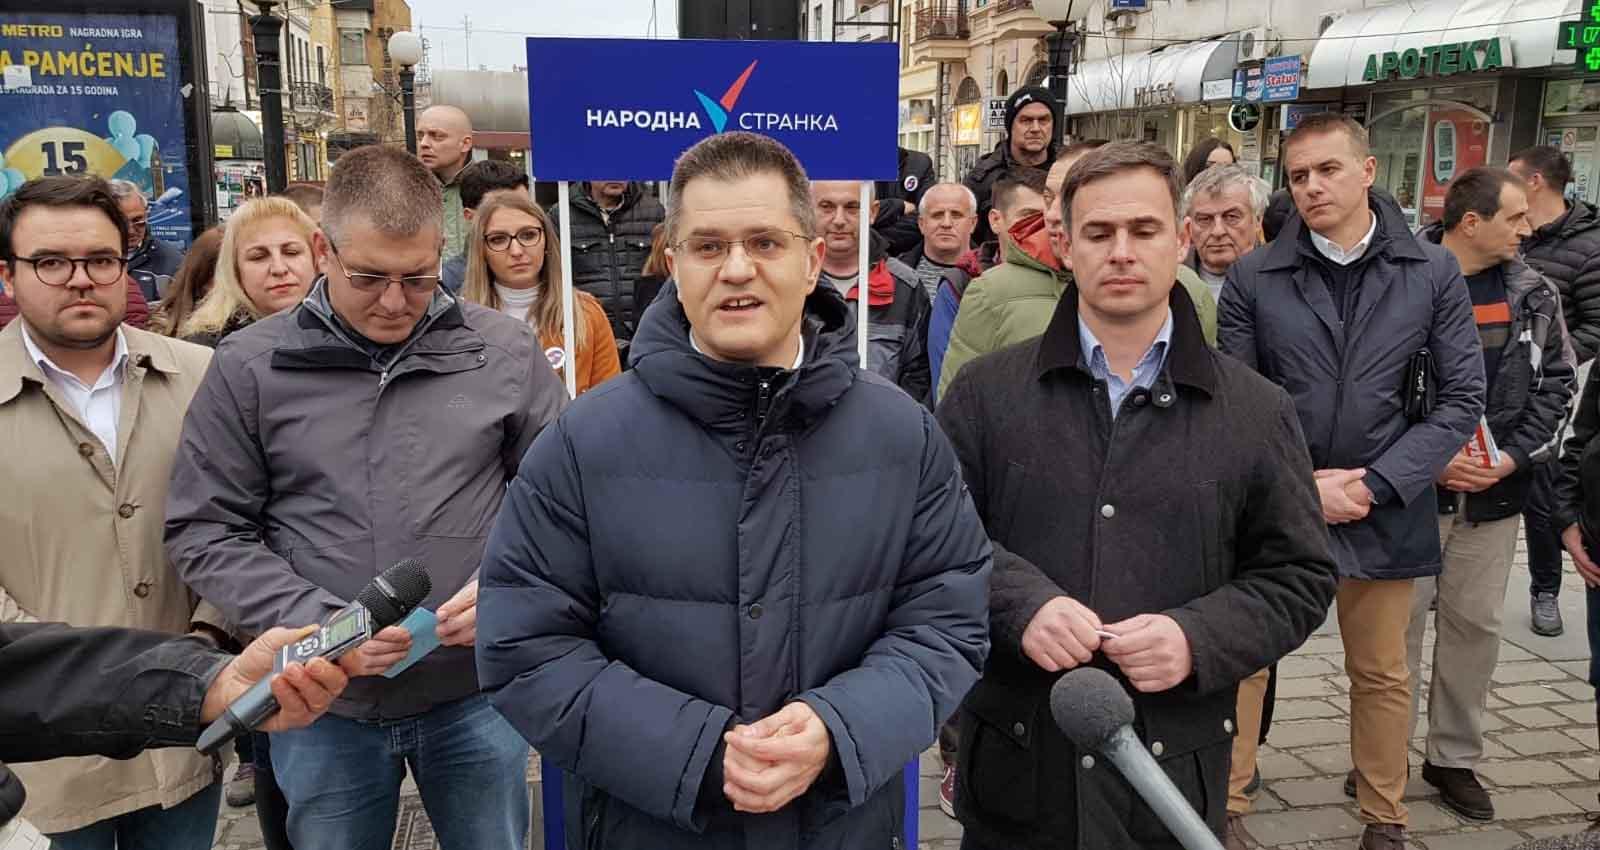 Јеремић: У бојкоту је цела права опозиција, ко се још премишља, није нам ни потребан